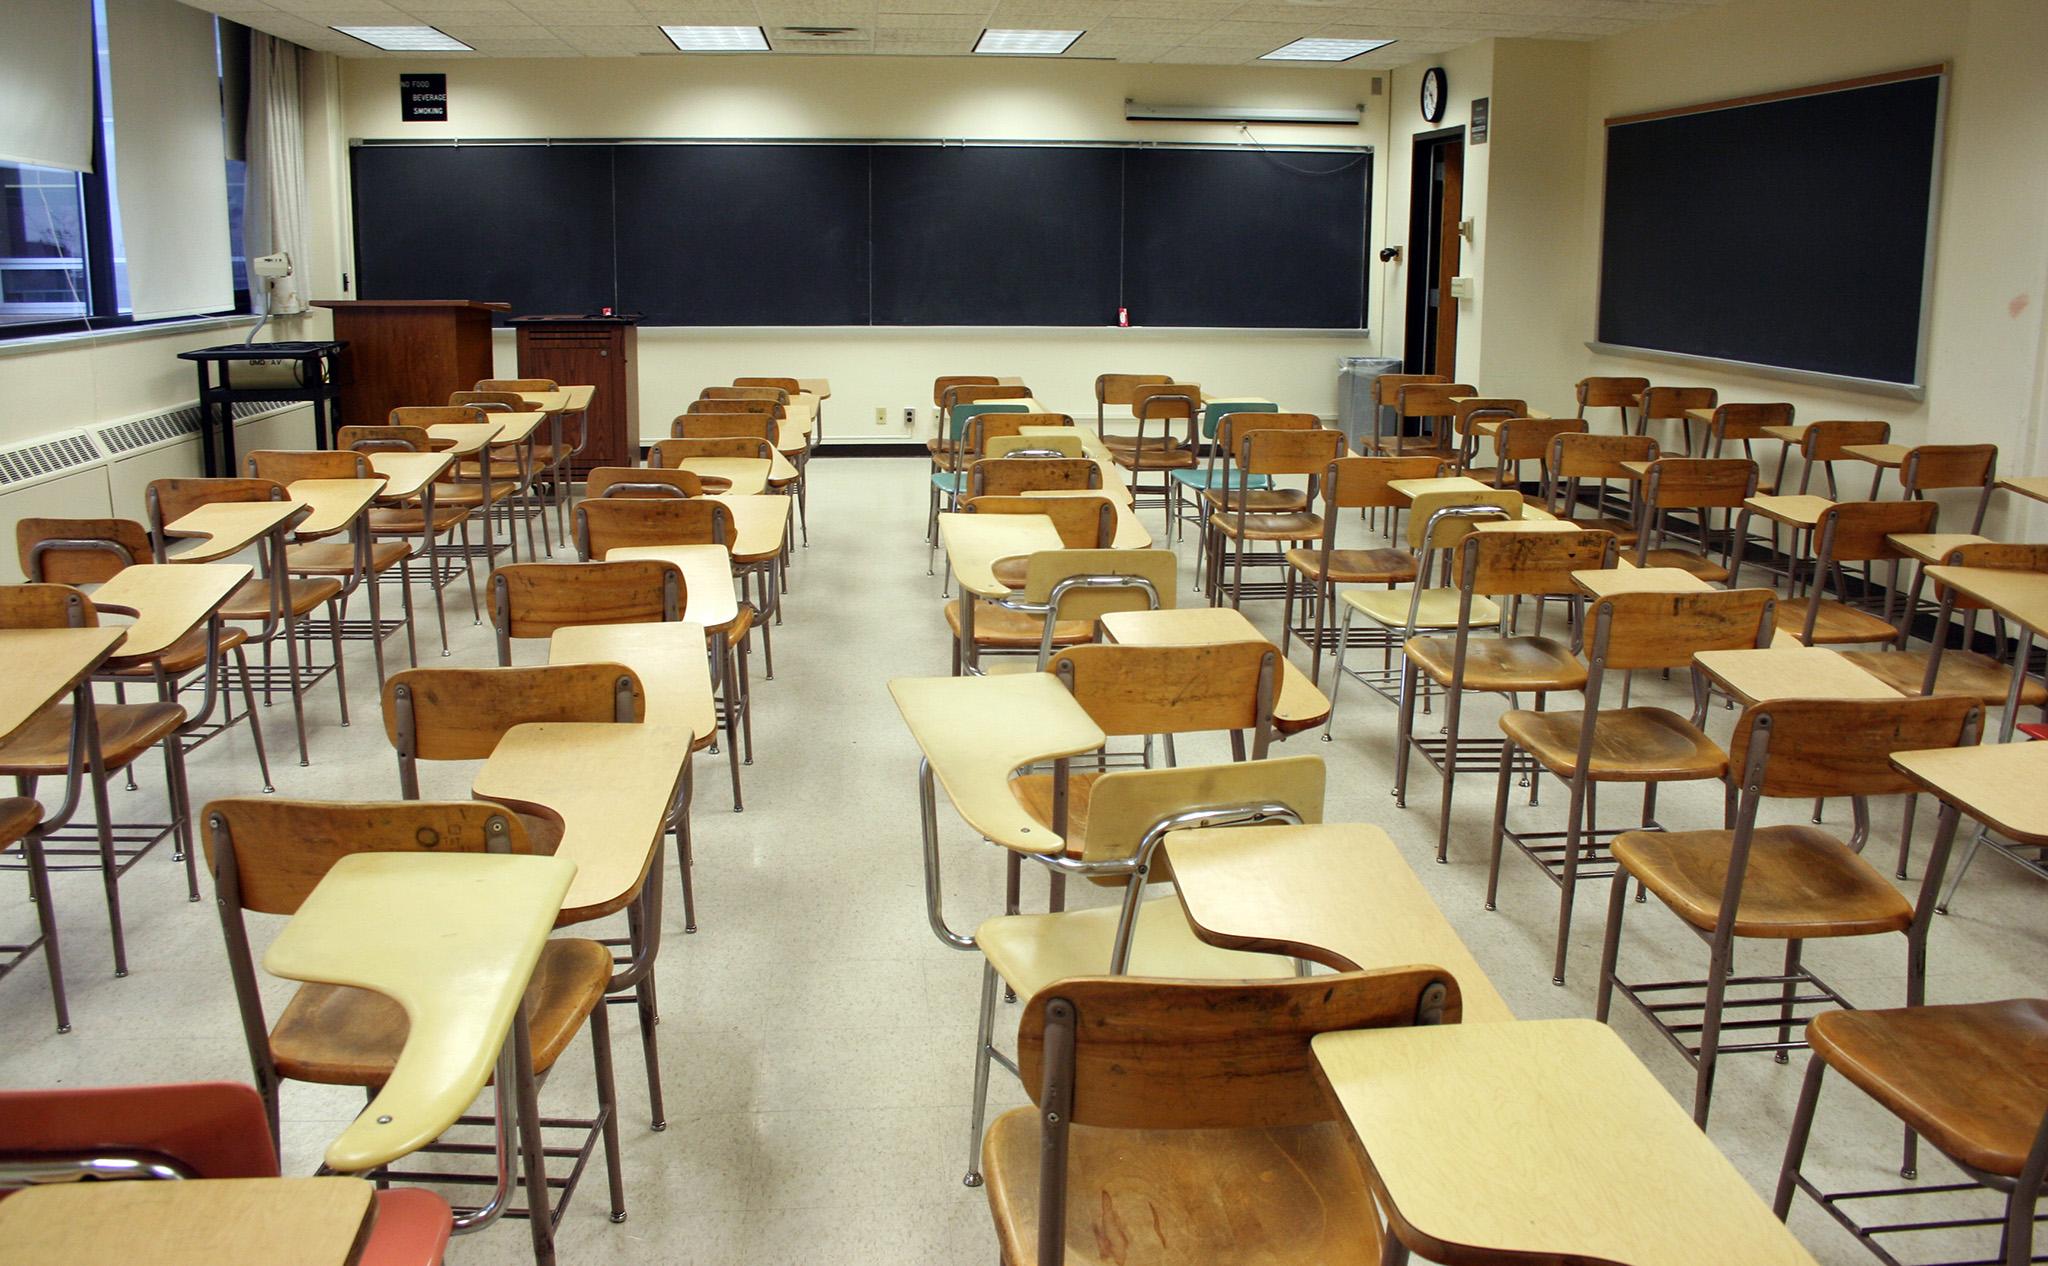 Funcionários de escola despedidos sem justa causa queixam-se a deputado